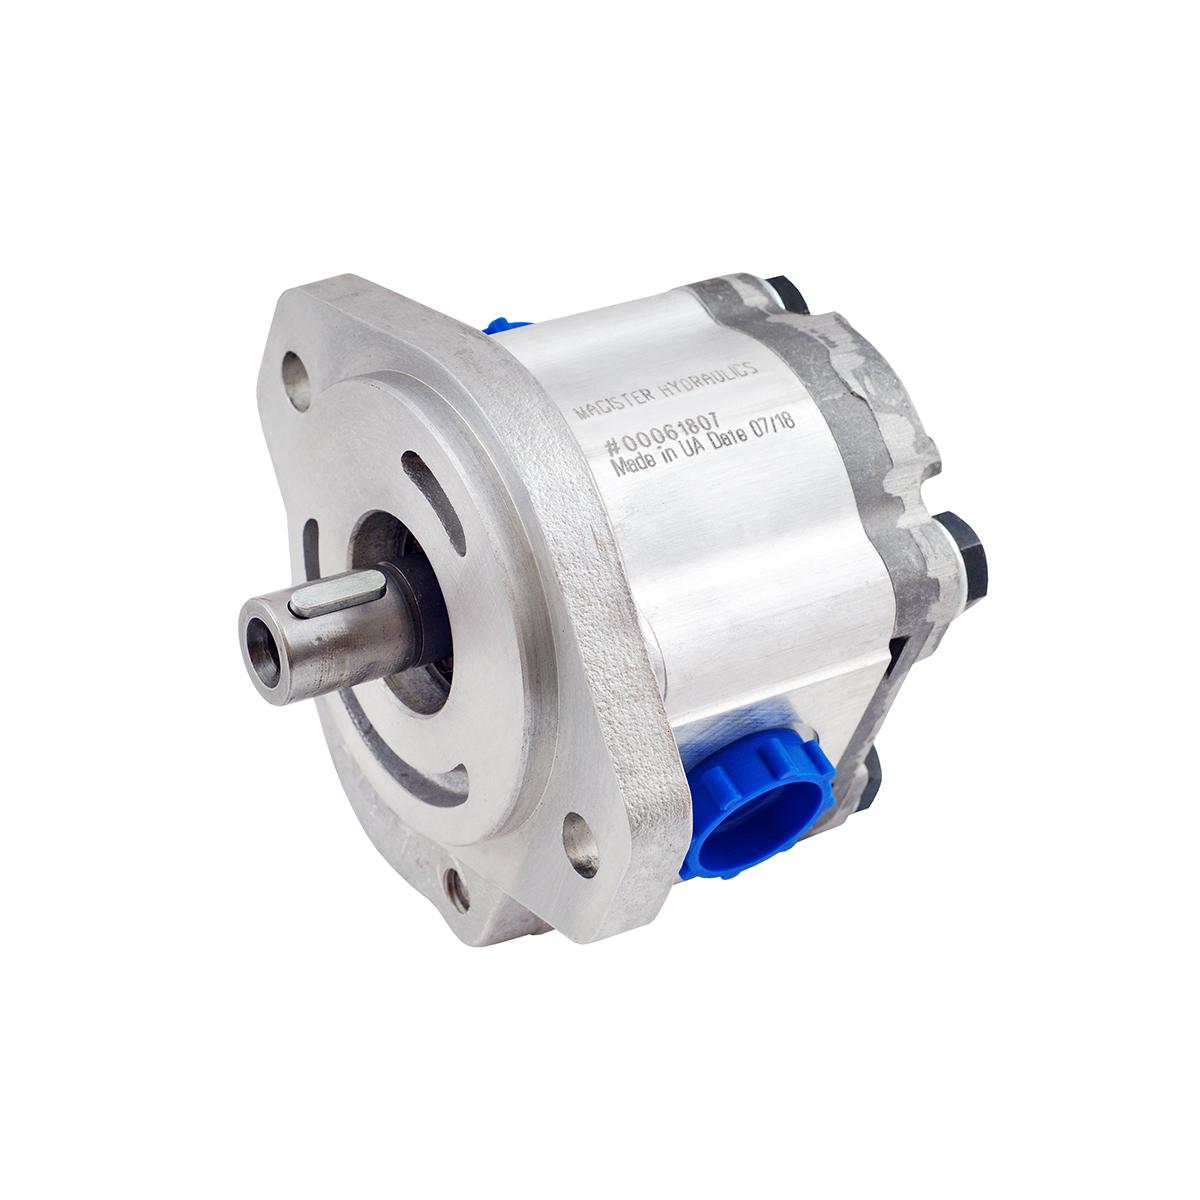 2.44 CID hydraulic gear pump, 7/8 keyed shaft clockwise gear pump   Magister Hydraulics